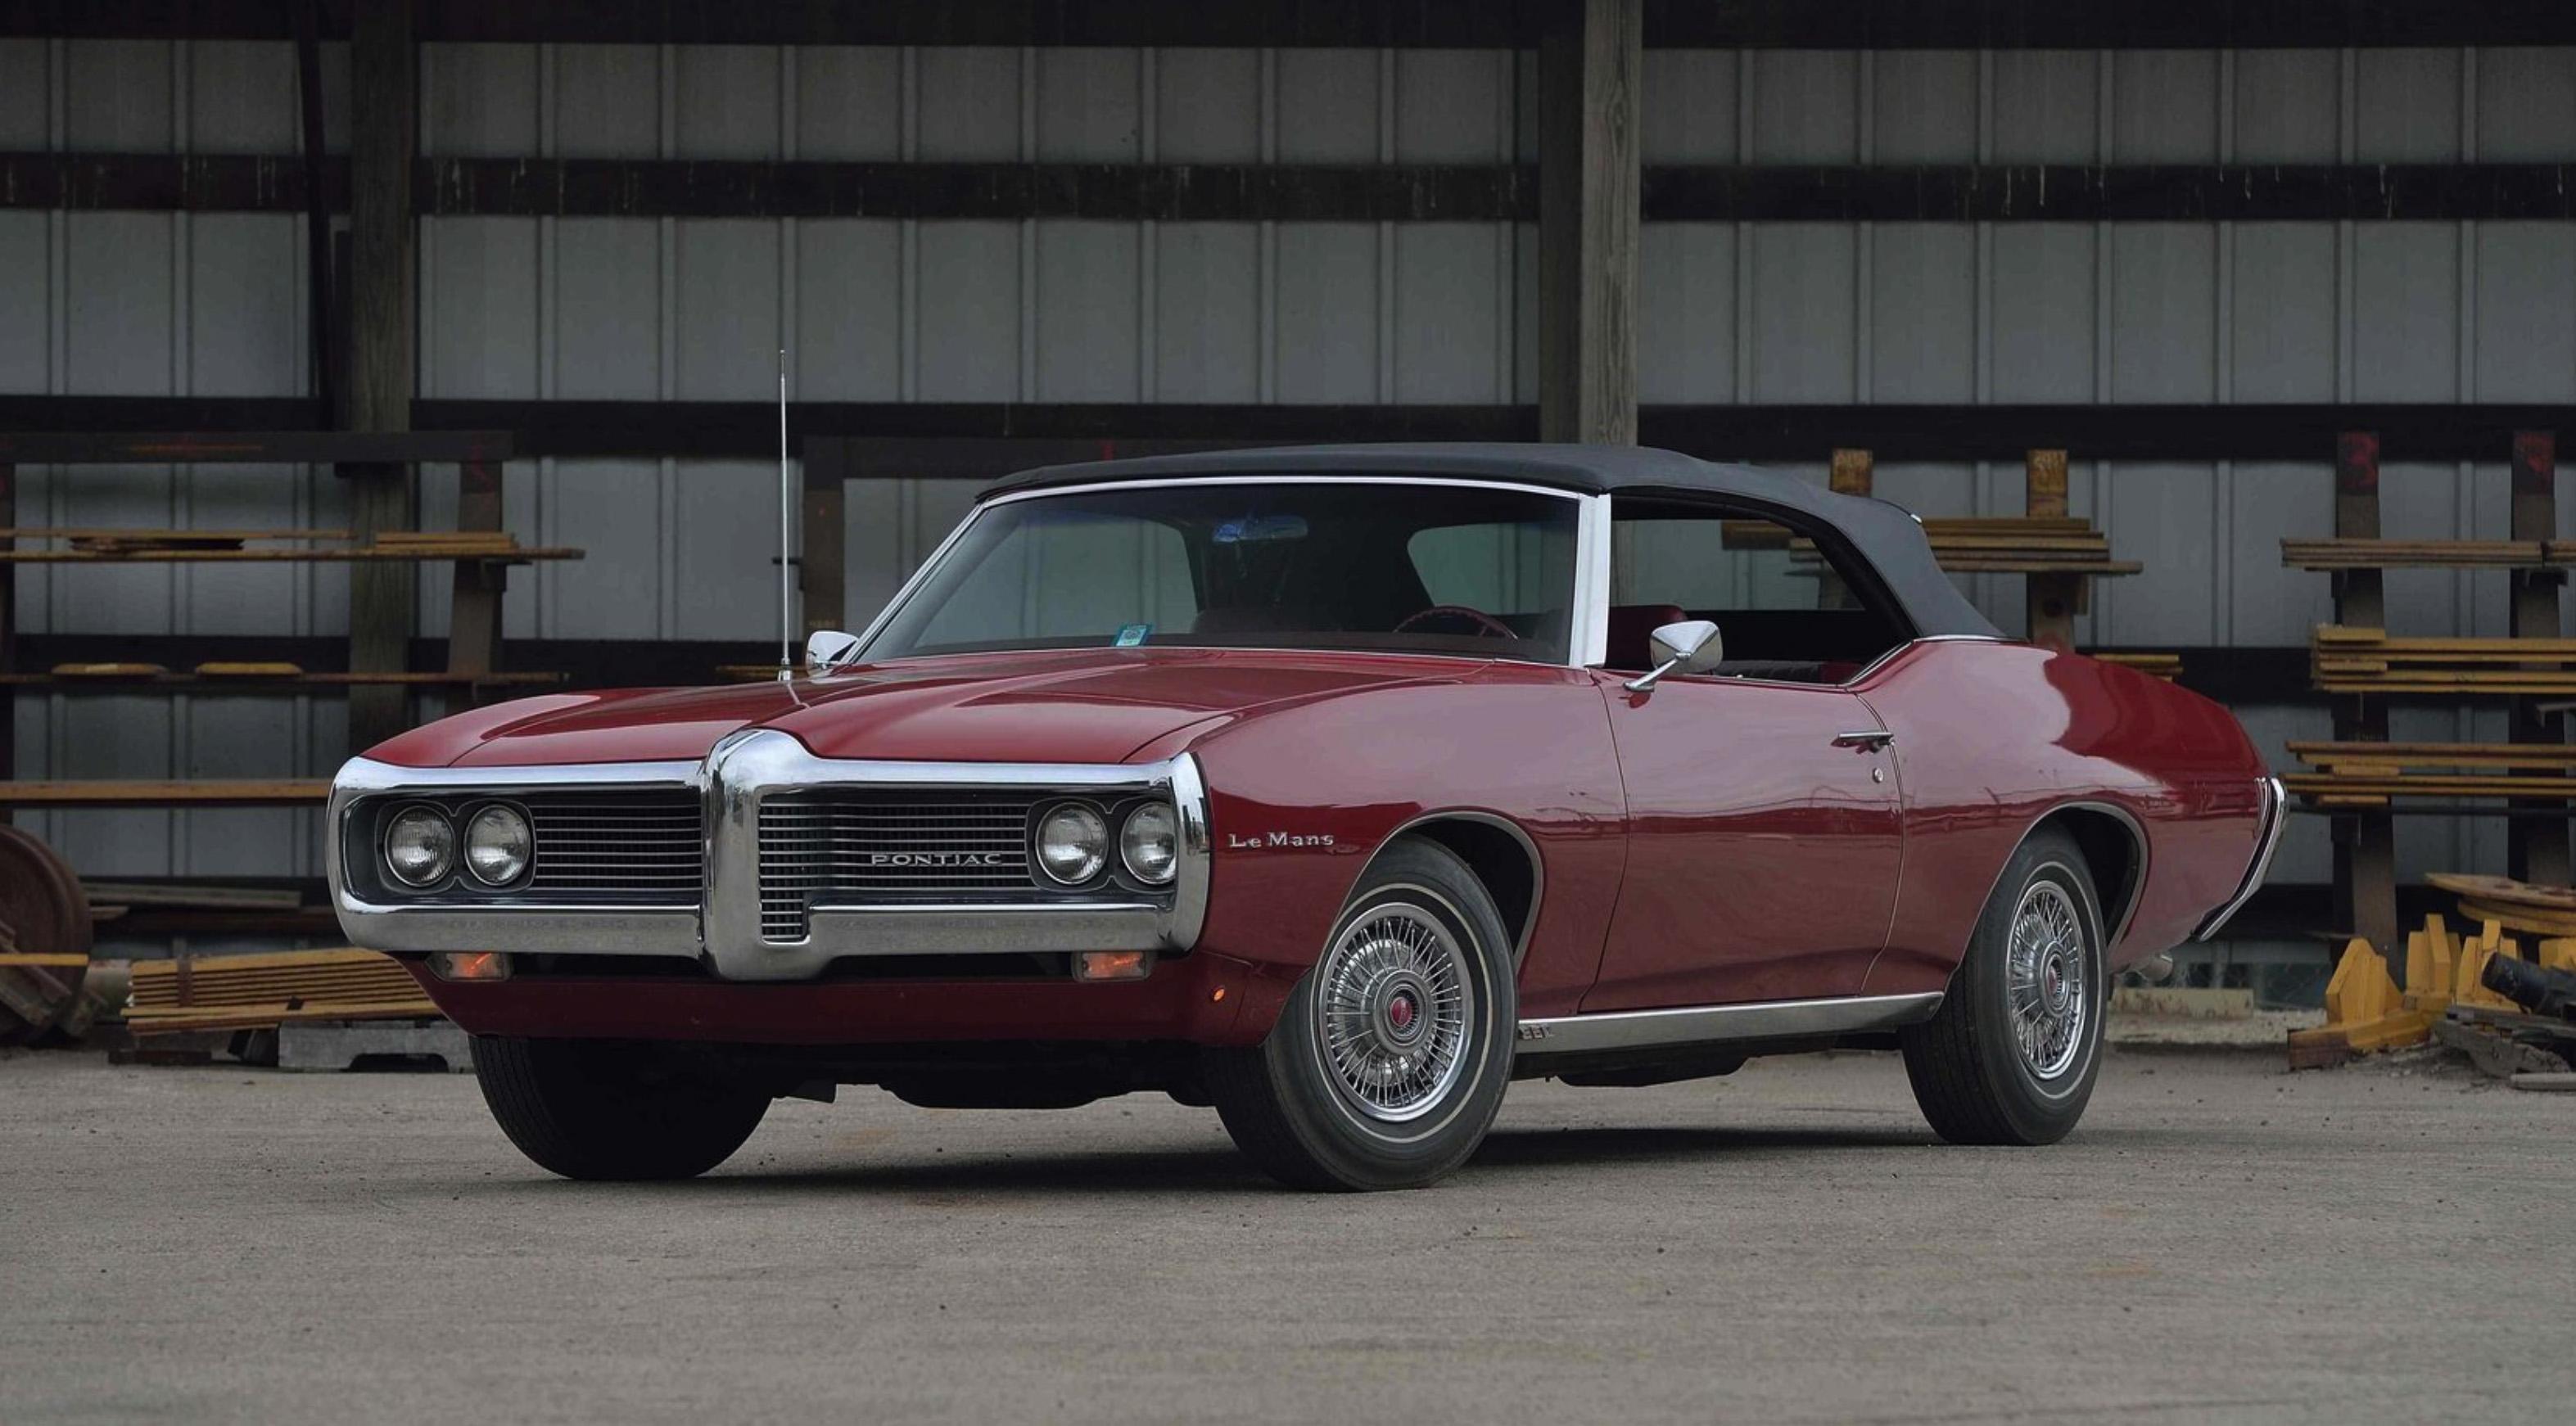 1969 LeMans 350